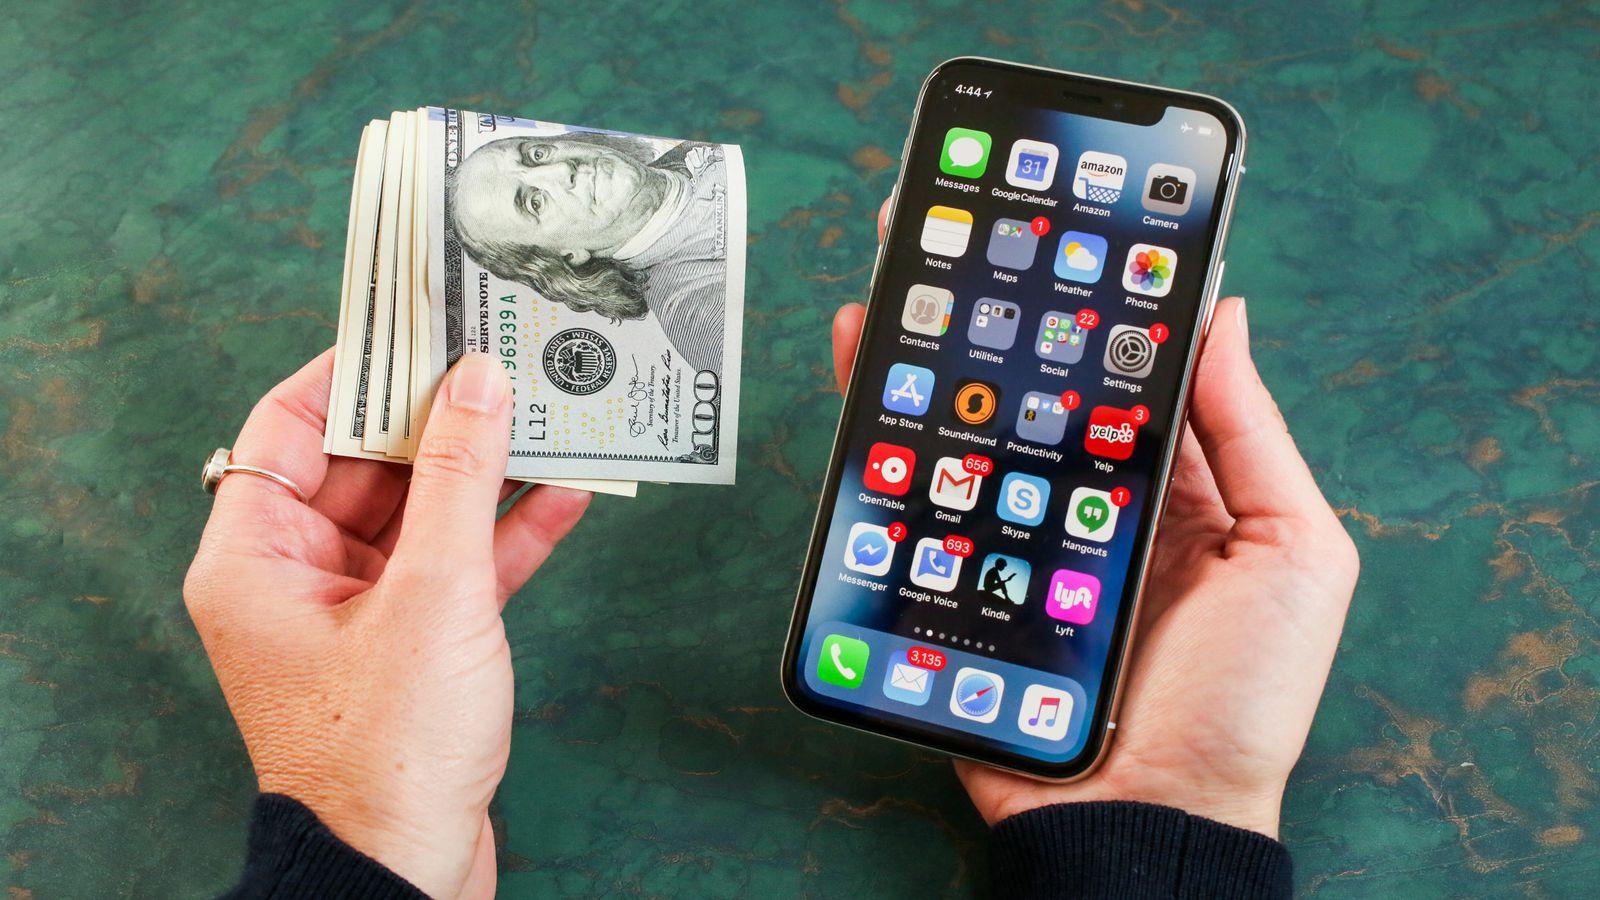 ÖTV Zammı sonrası telefon fiyatları nasıl olacak? Telefon fiyatları